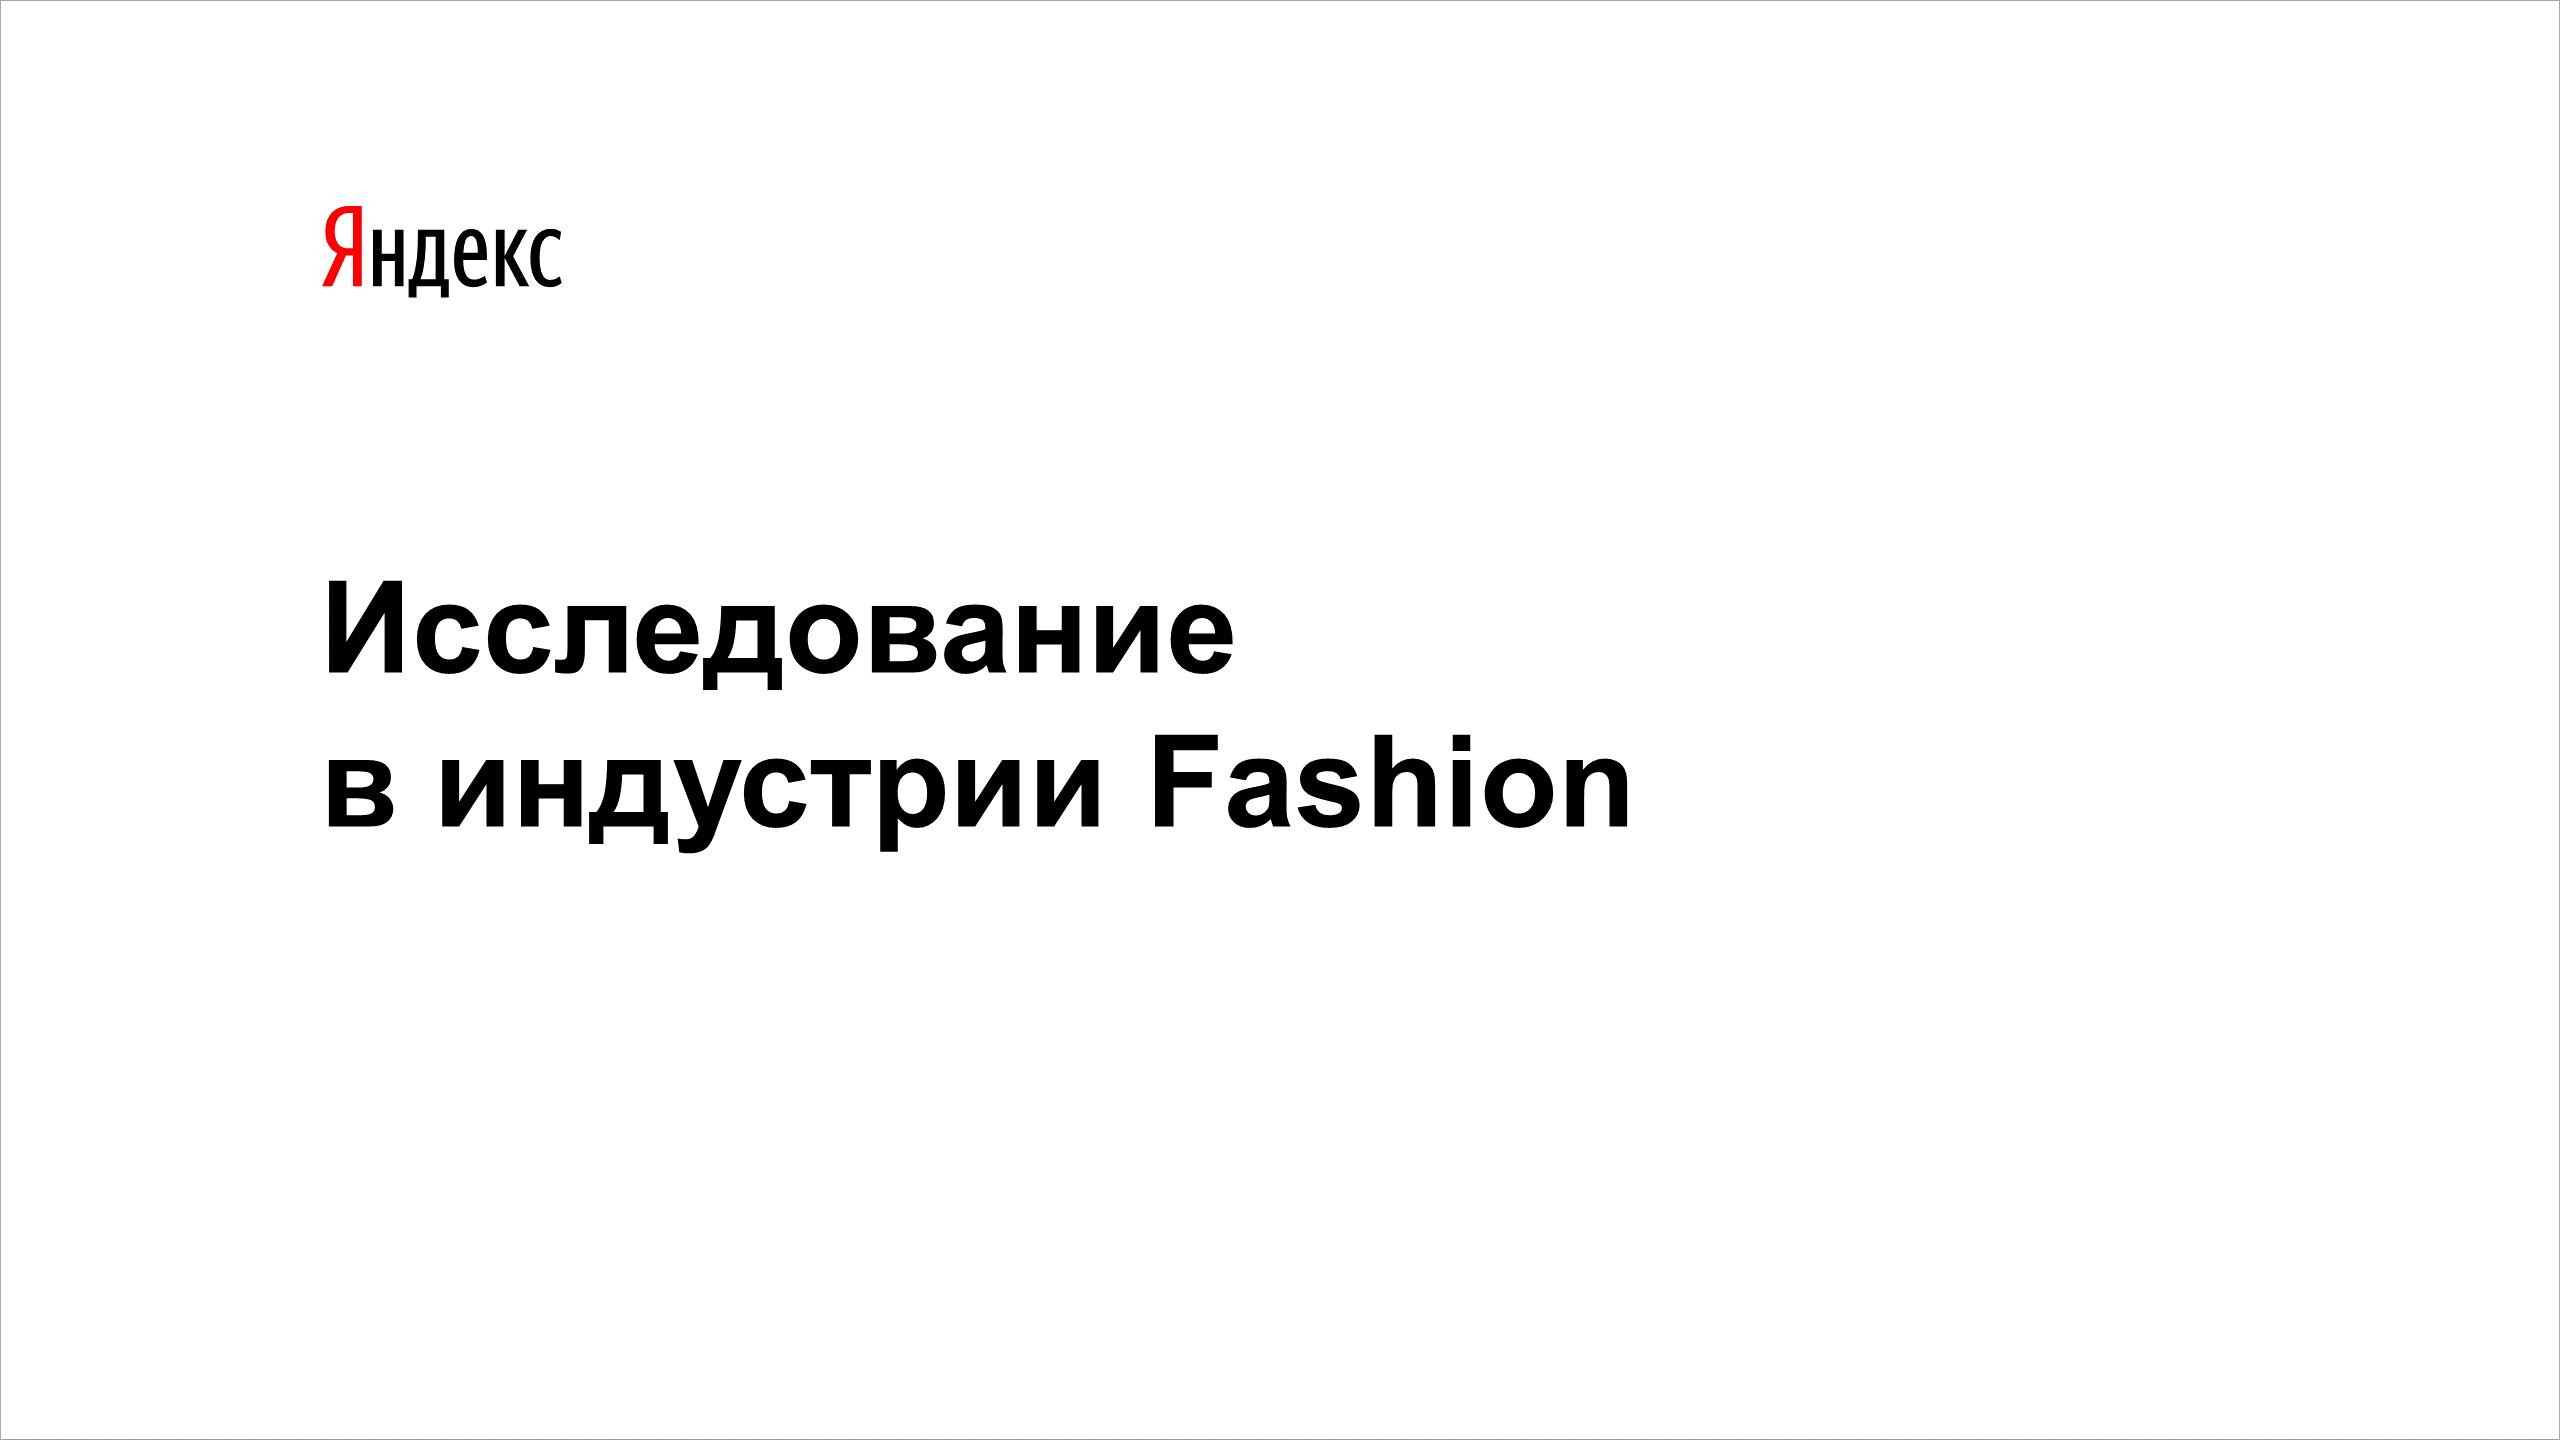 Как пользователи Яндекса ищут одежду и обувь в интернете